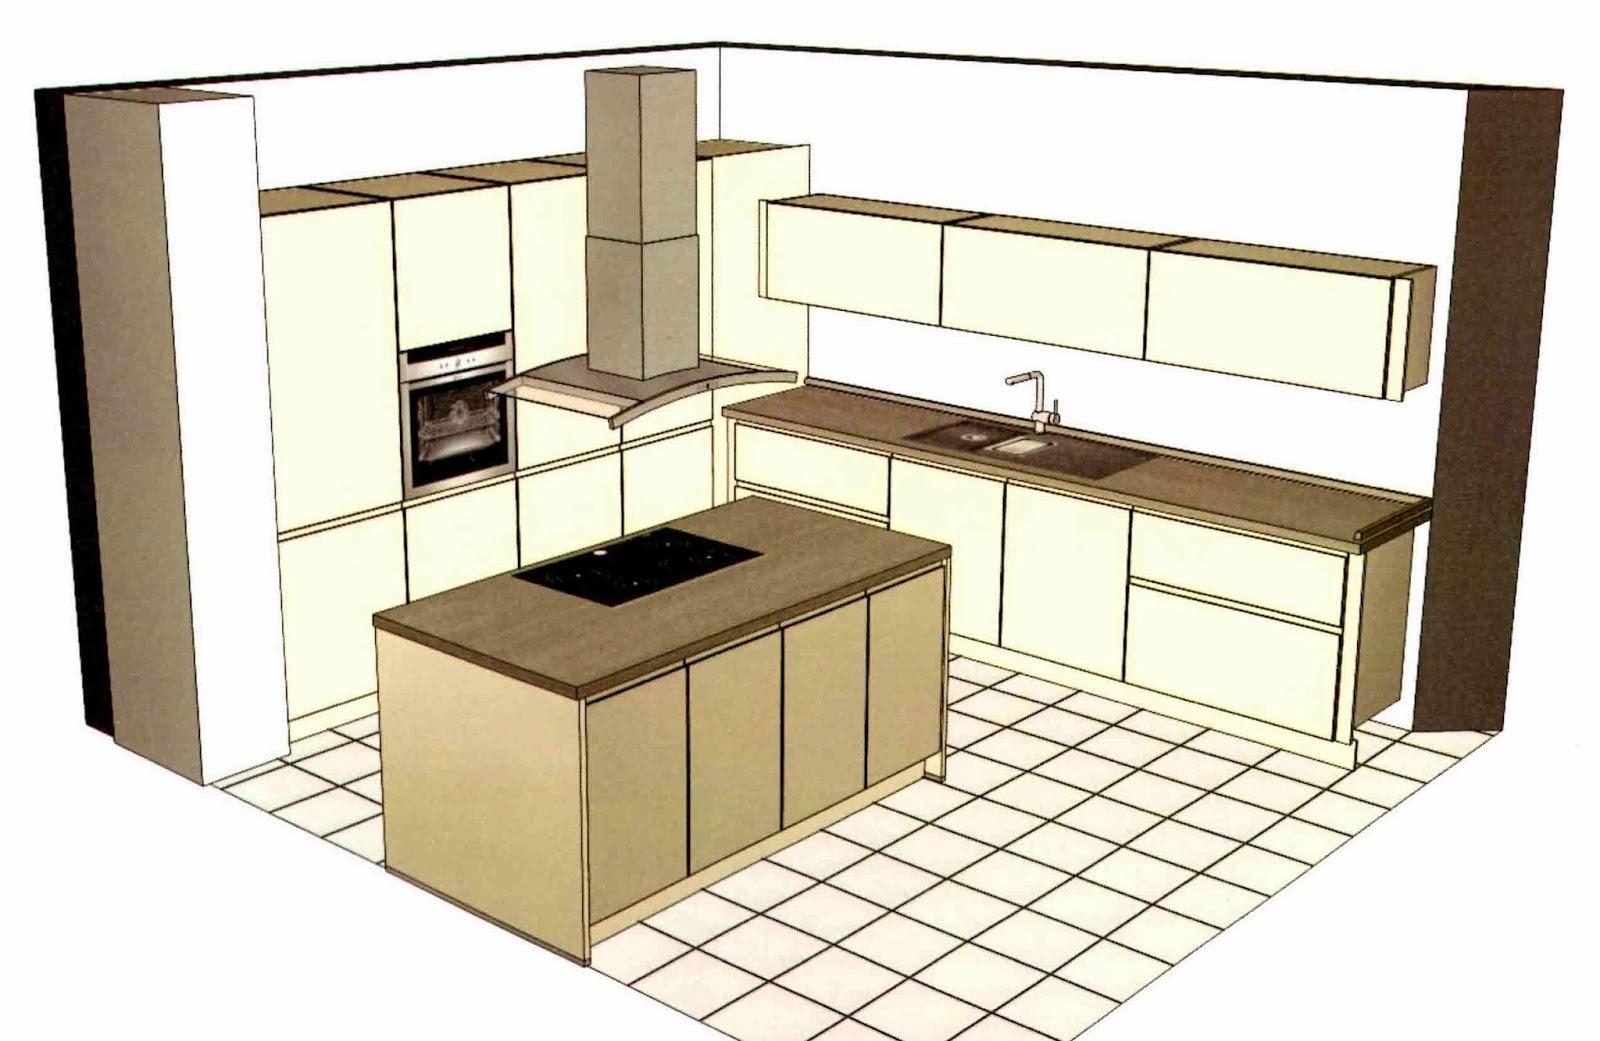 rummel auf dem tunnel 2013. Black Bedroom Furniture Sets. Home Design Ideas